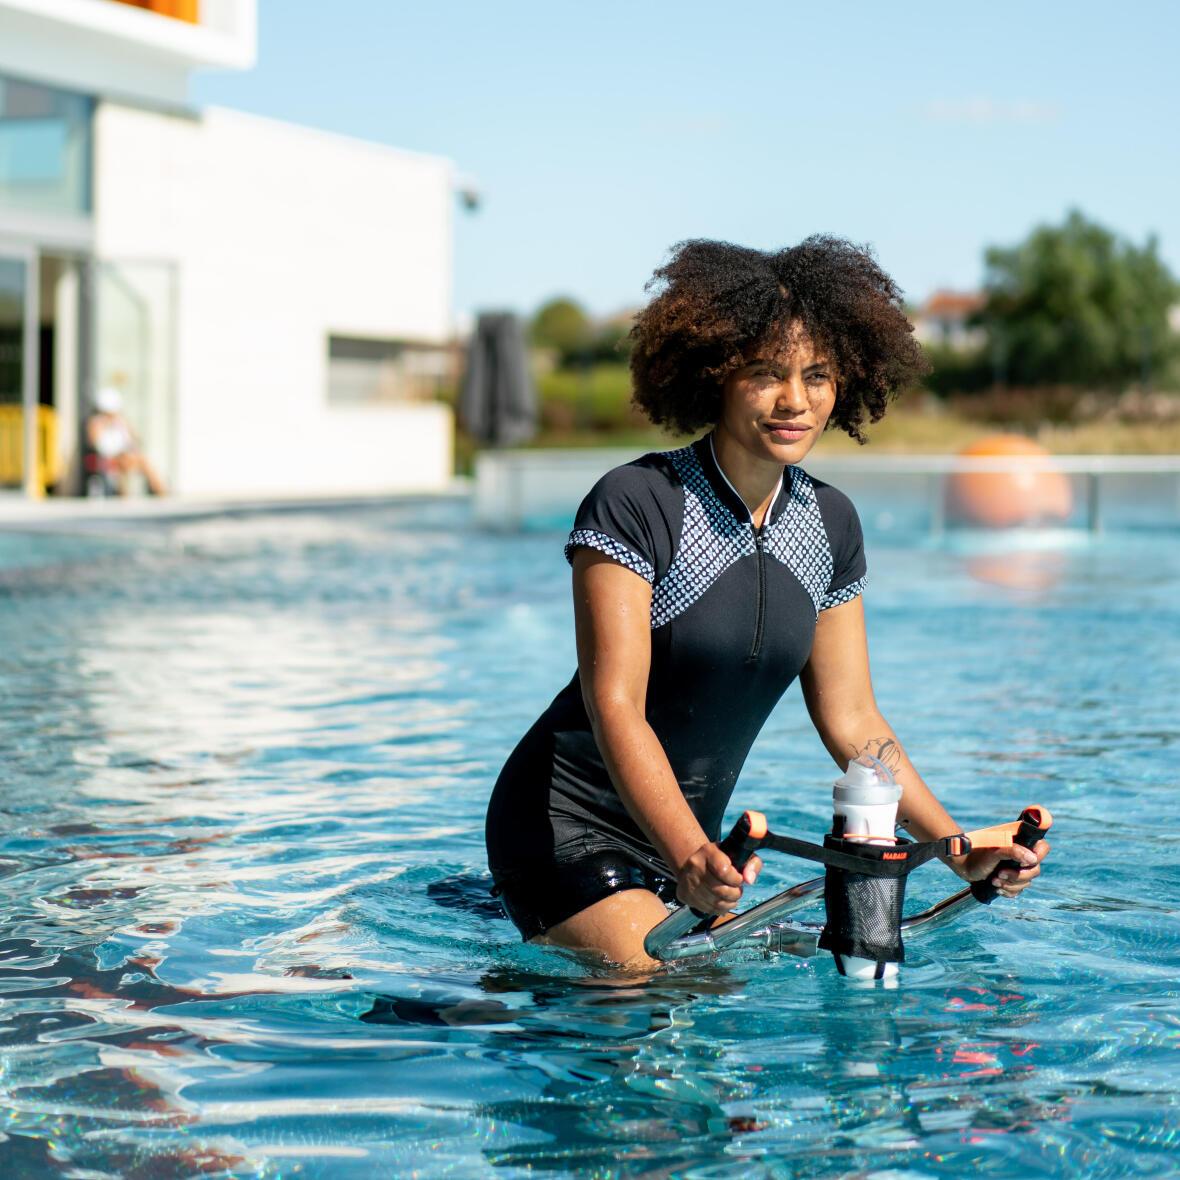 aquafitness aquabike